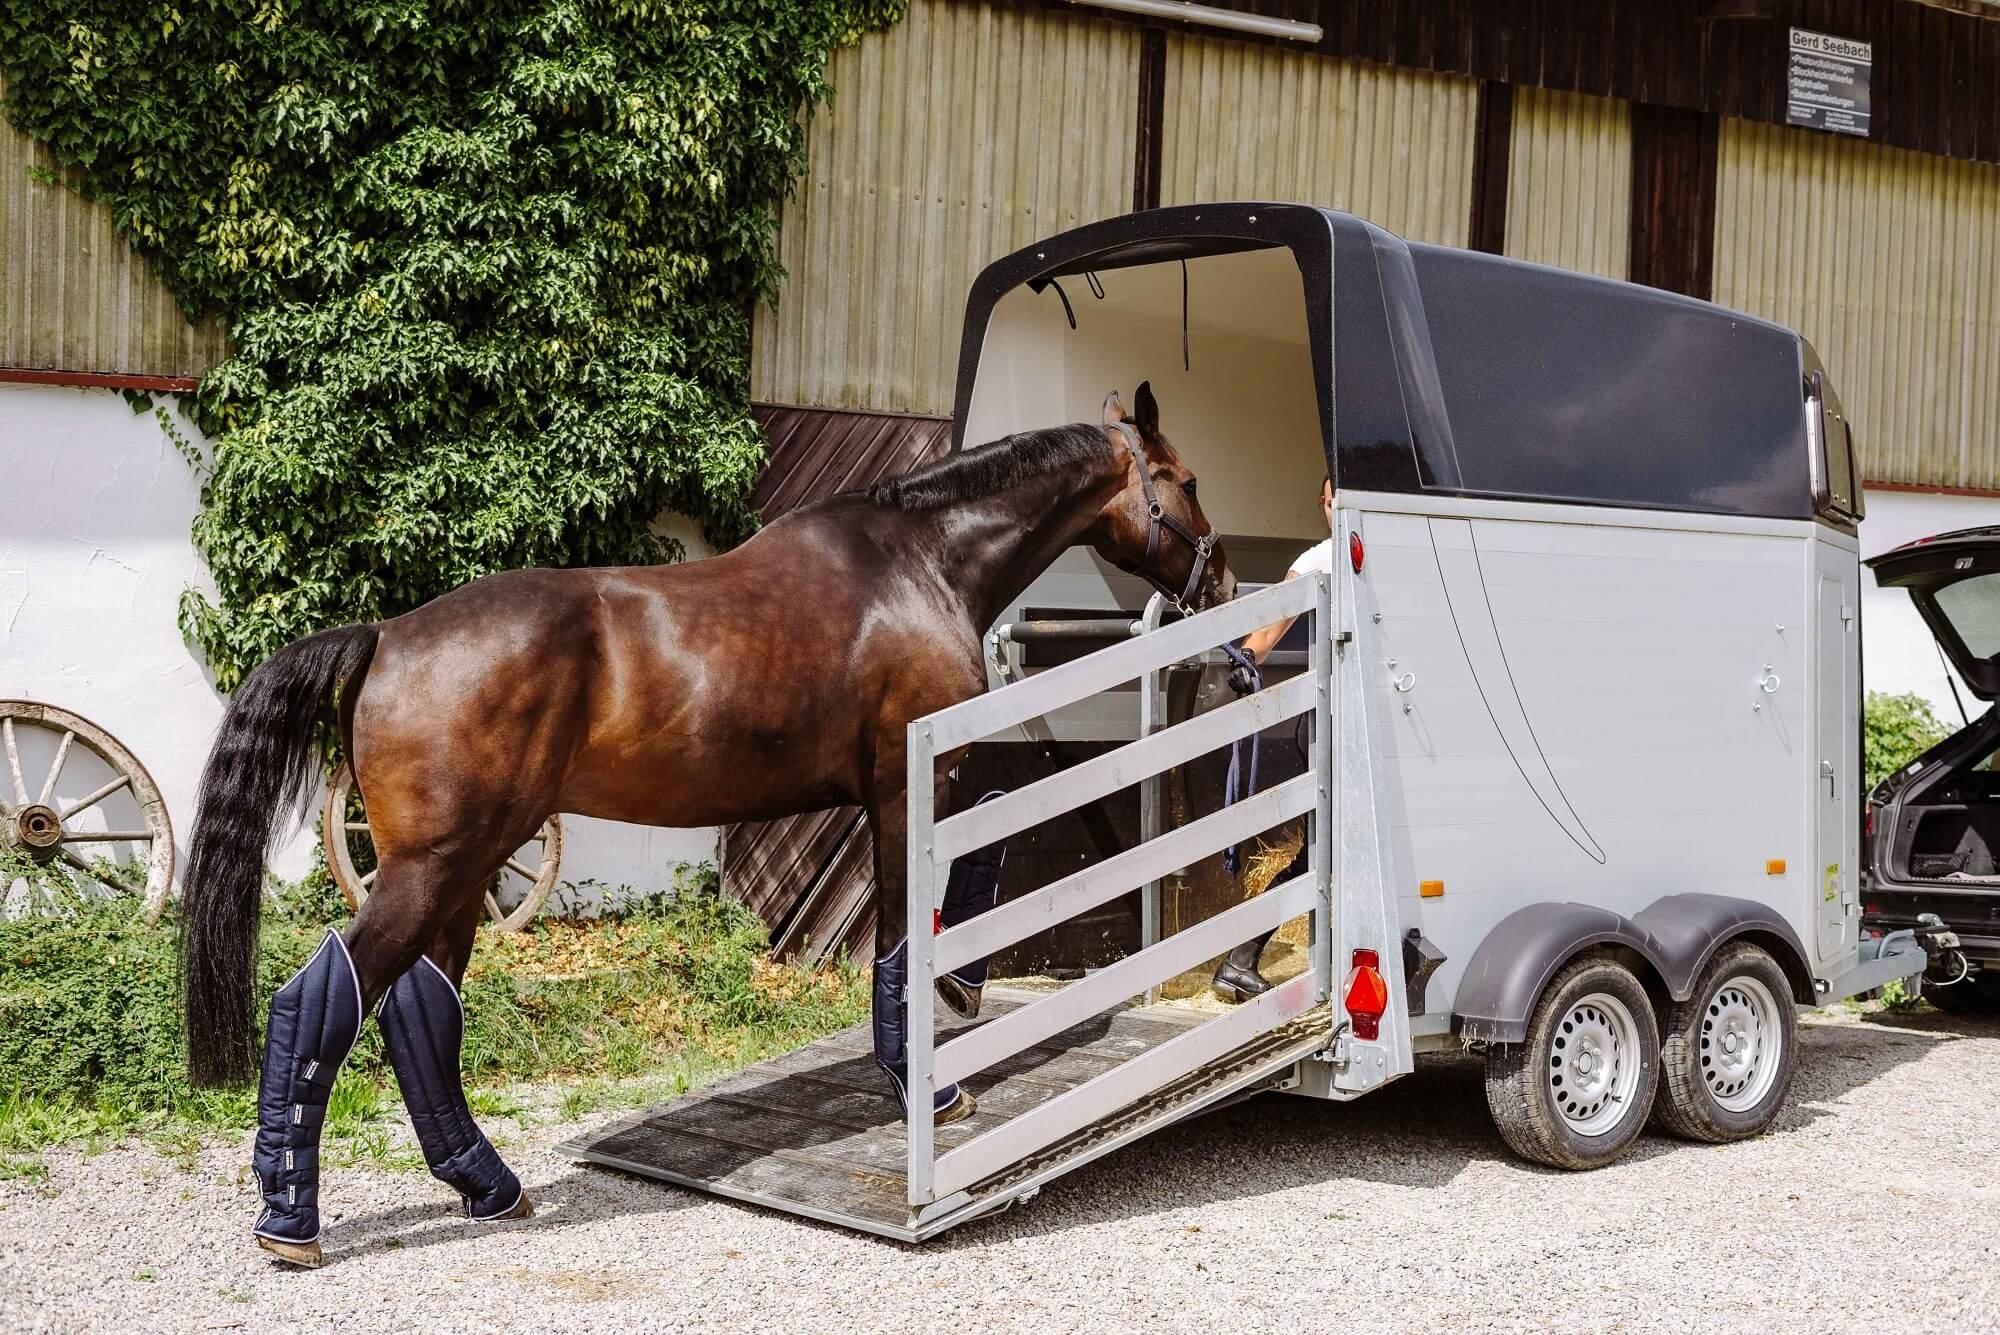 Pferd verladen: So bekommst du dein Pferd sicher in den Hänger